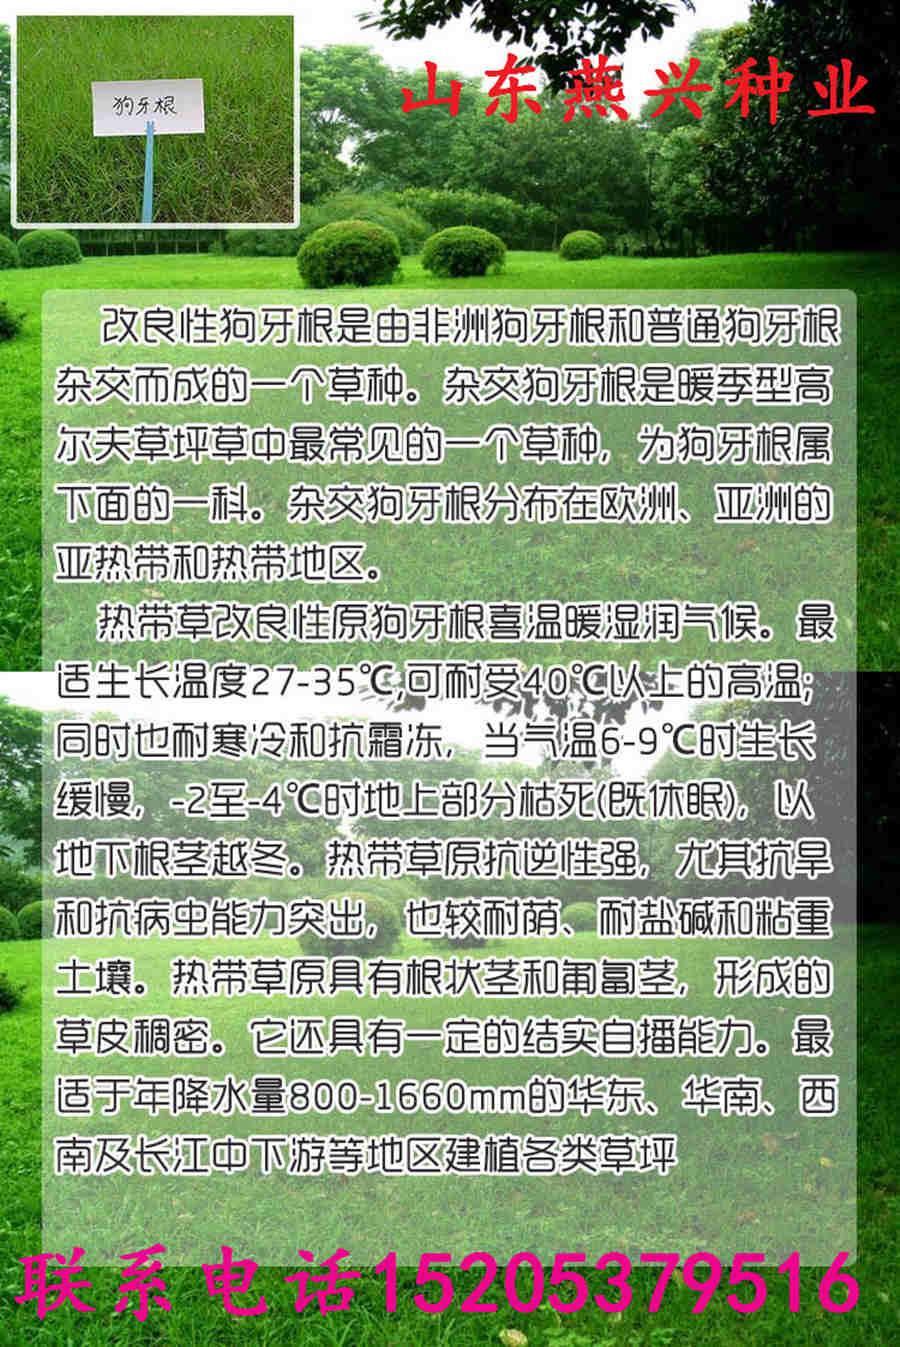 淮北出售绿化种子代销点